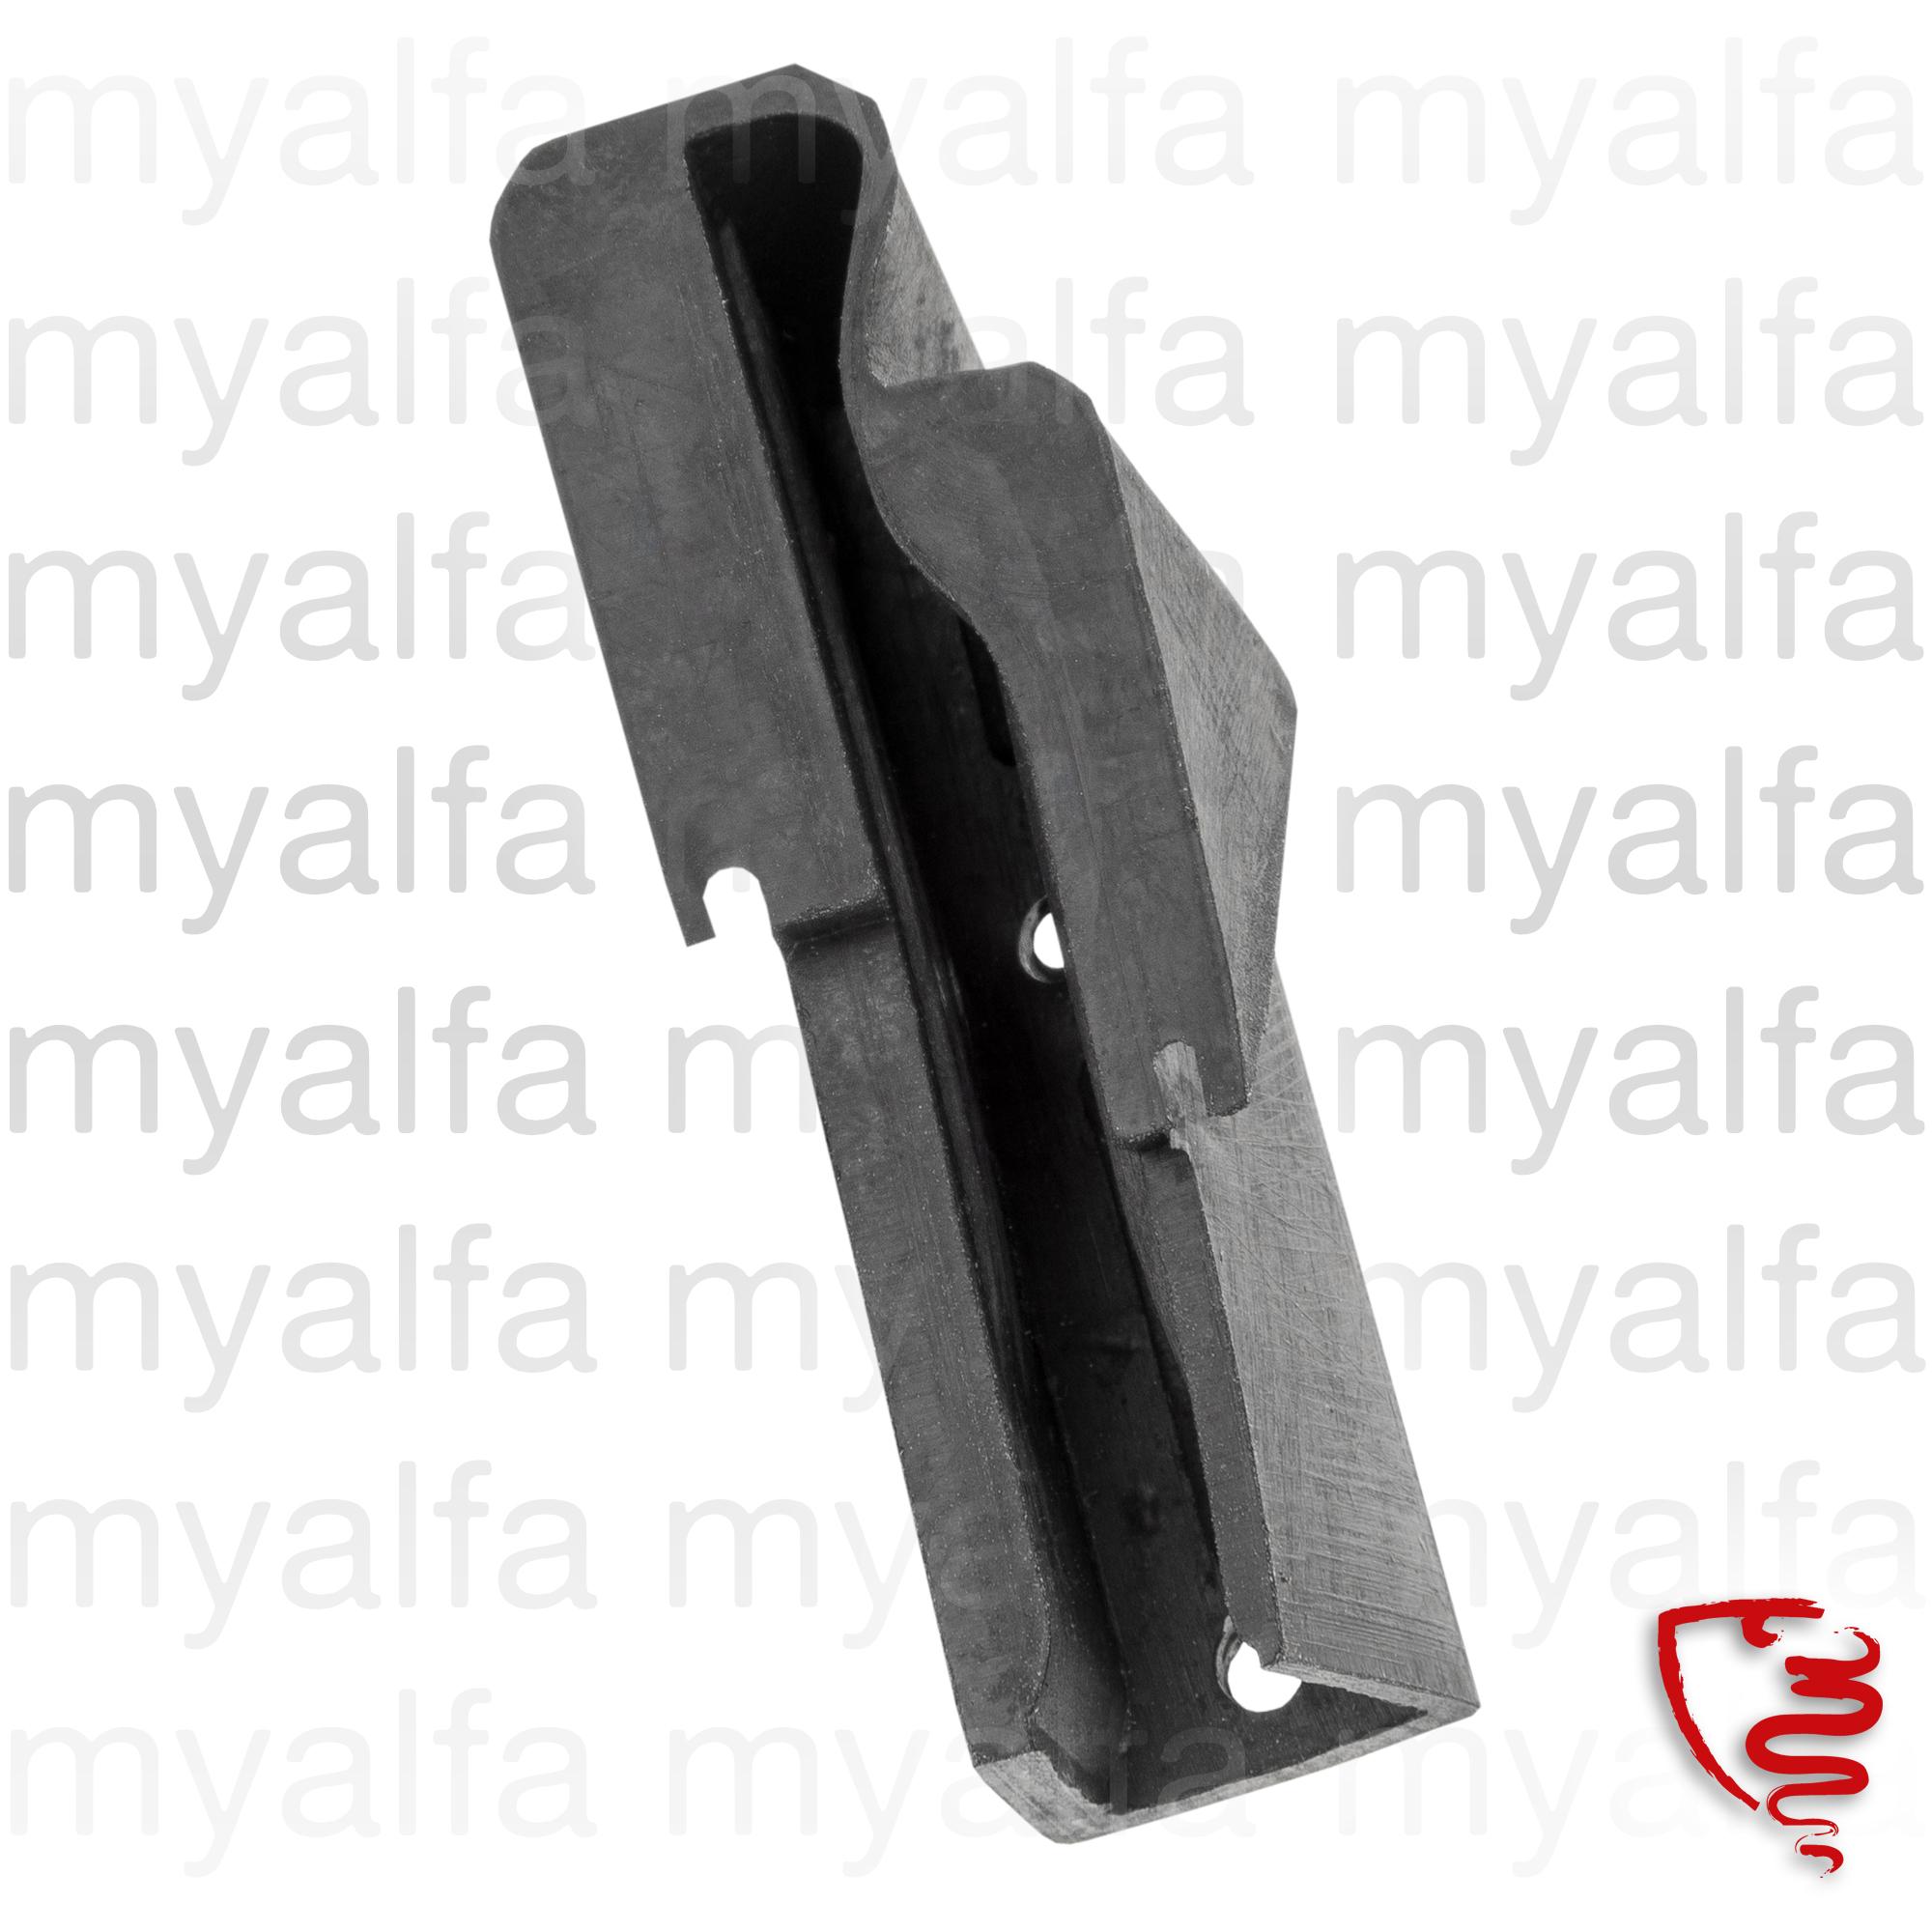 Triangle Gutter seal door GT - esq. for 105/115, Coupe, Body parts, Rubber parts, Door grommets/felt/seals